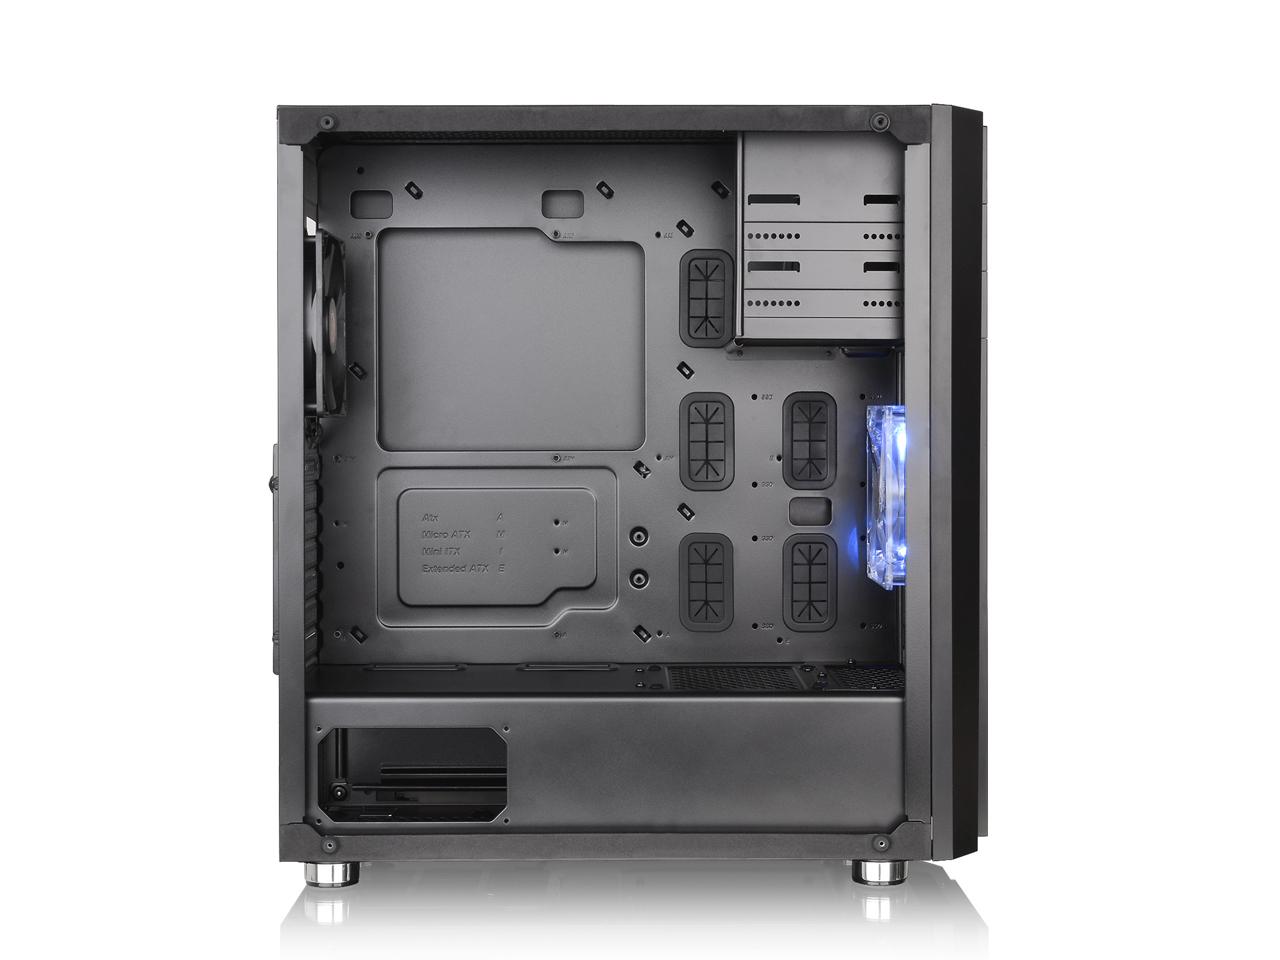 『本体 内部2』 Versa H26 Black /w casefan CA-1J5-00M1WN-01 [ブラック] の製品画像